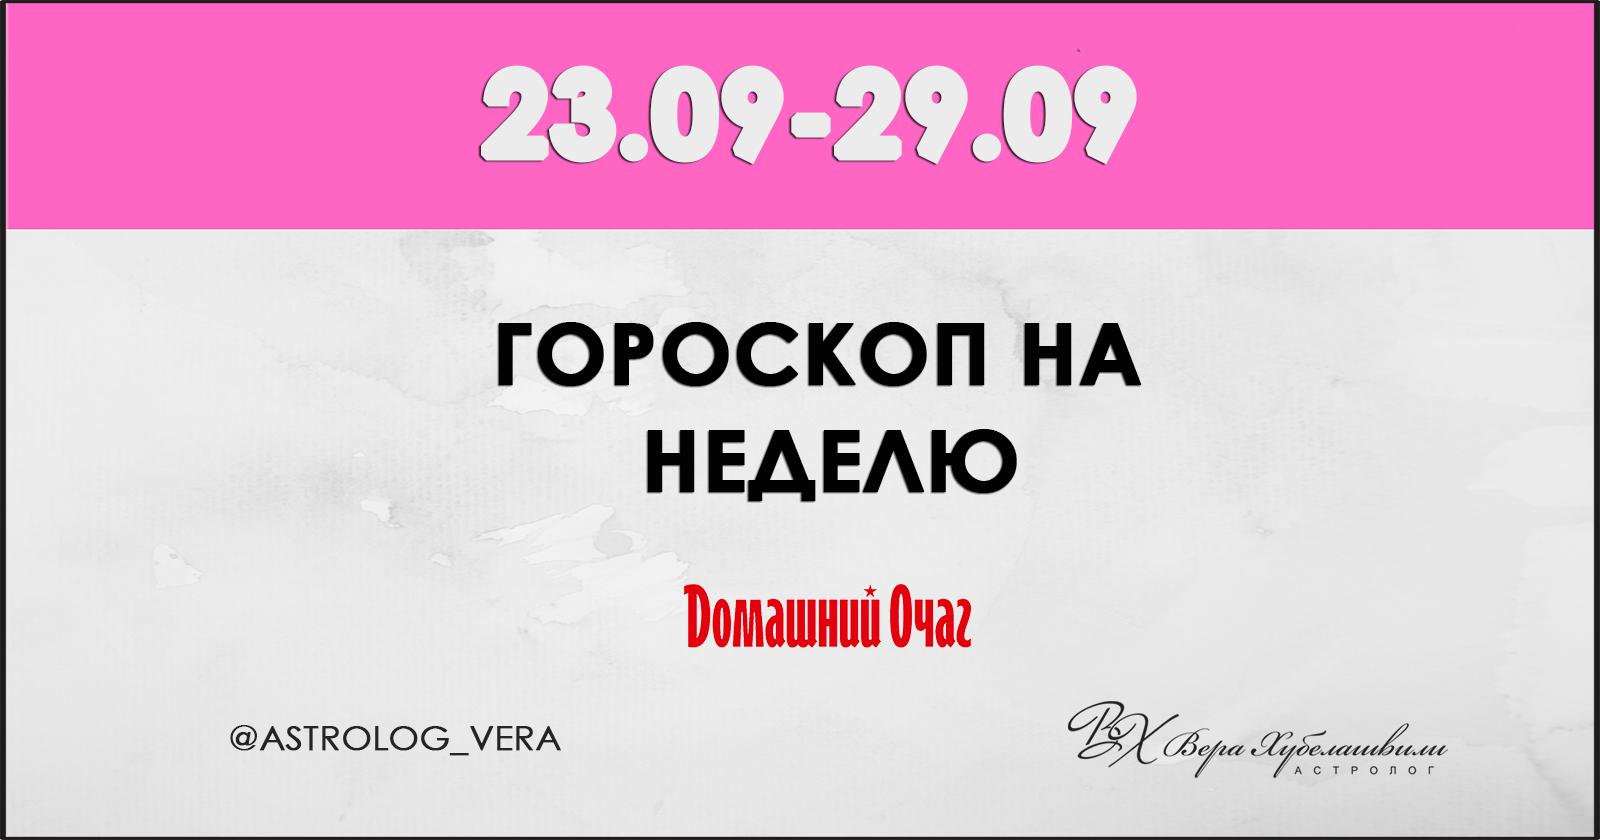 АСТРОЛОГИЧЕСКИЙ ПРОГНОЗ 23 СЕНТЯБРЯ - 29 СЕНТЯБРЯ 2019 (ДОМАШНИЙ ОЧАГ)